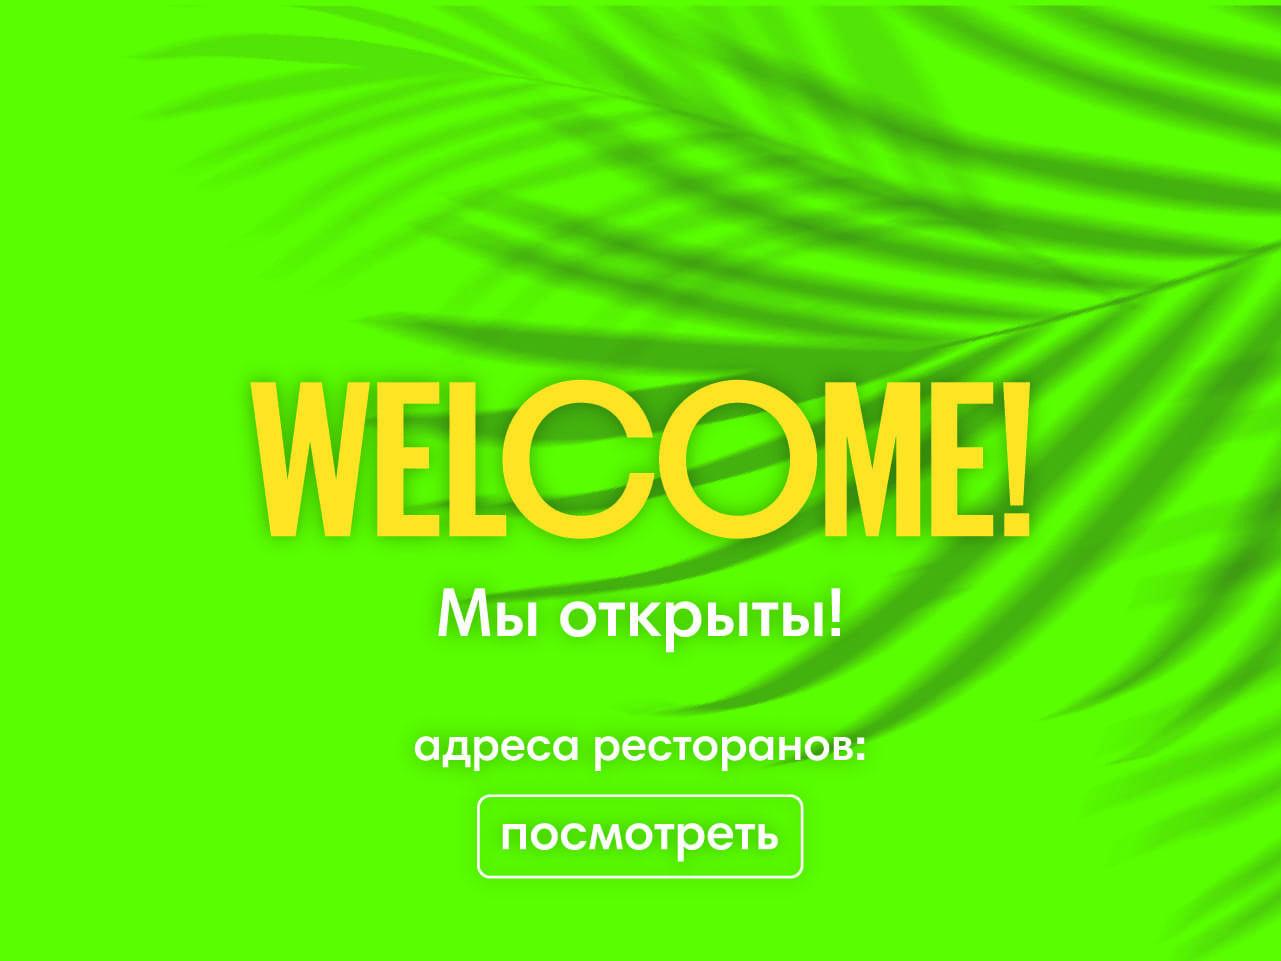 Друзья, с радостью сообщаем вам, что часть ресторанов Ч1 Васильчуки открыты!